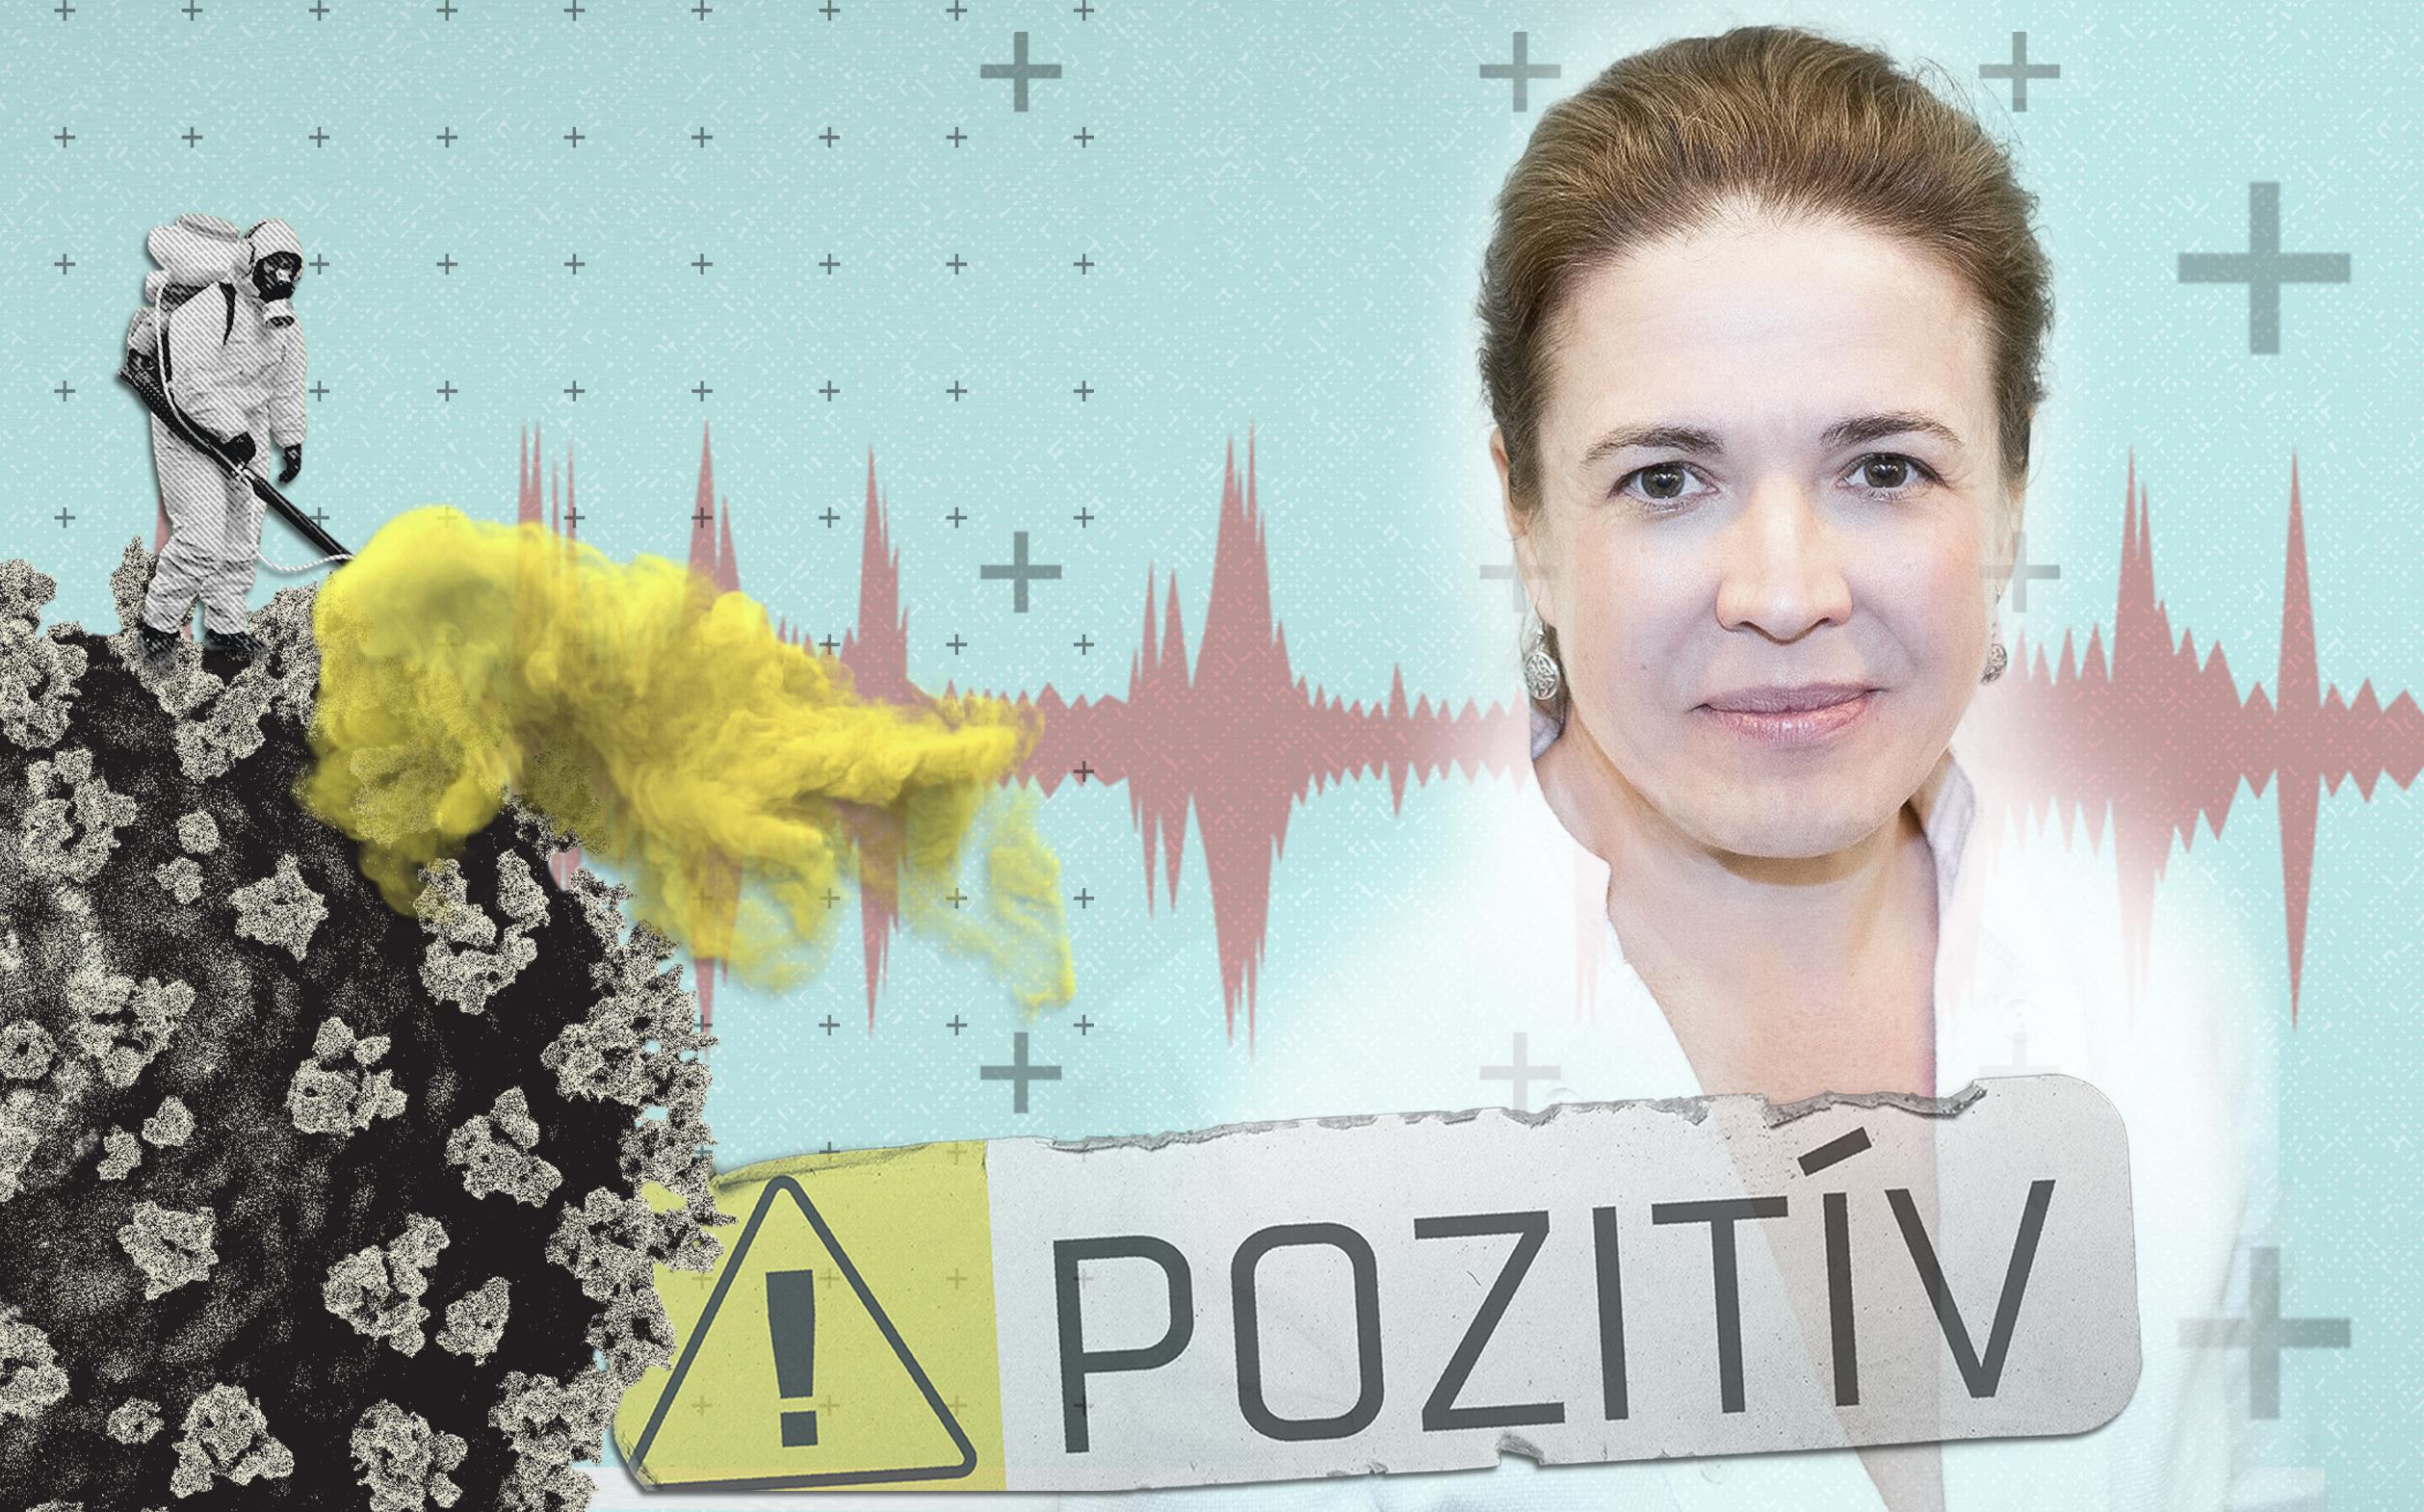 Osztrák biotech kutatócég magyar vezetője válaszol az oltásokkal kapcsolatos kérdéseinkre